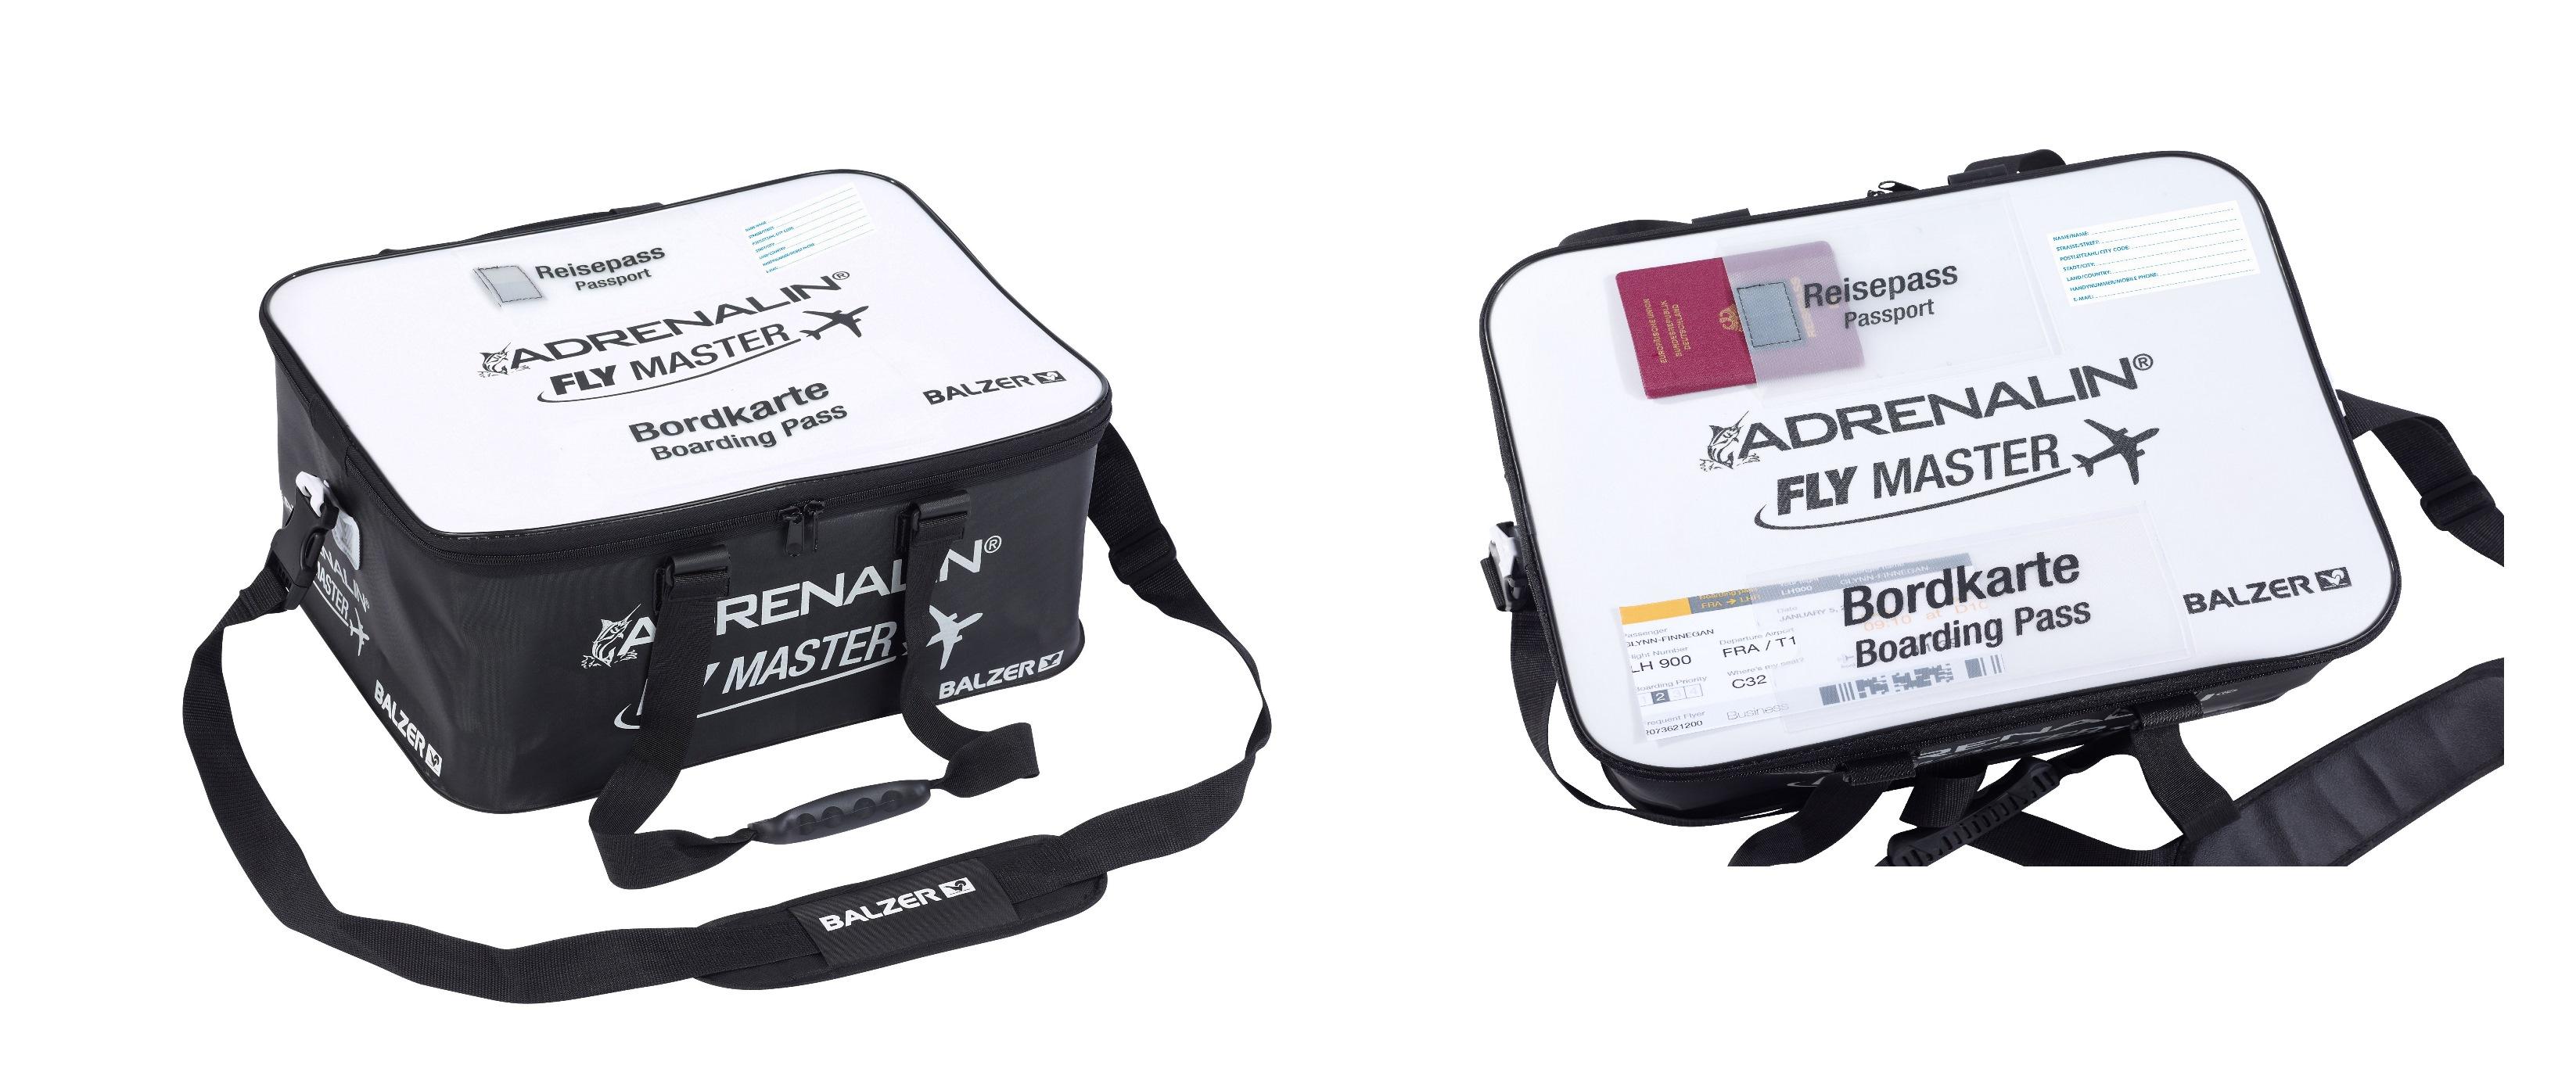 Balzer adrenalina Flymaster BAG bagaglio a mano-tasca di raffreddonnato per la Norvegia Islanda ecc.